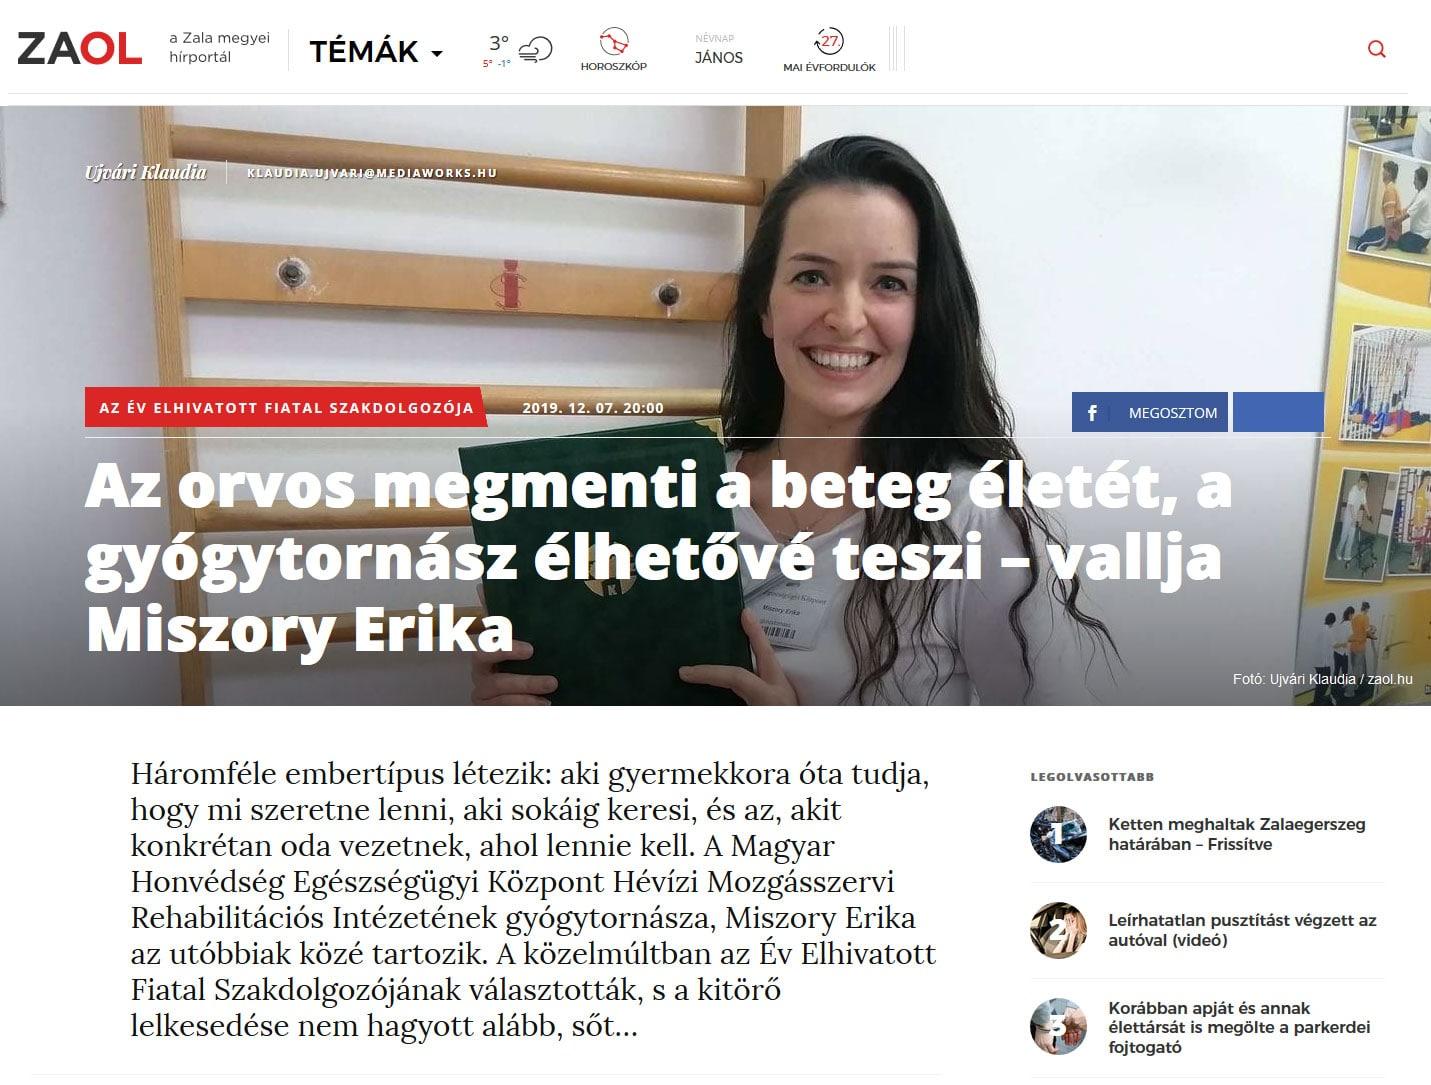 Miszory Erika - 2019 - Az orvos megmenti a beteg életét, a gyógytornász élhetővé teszi